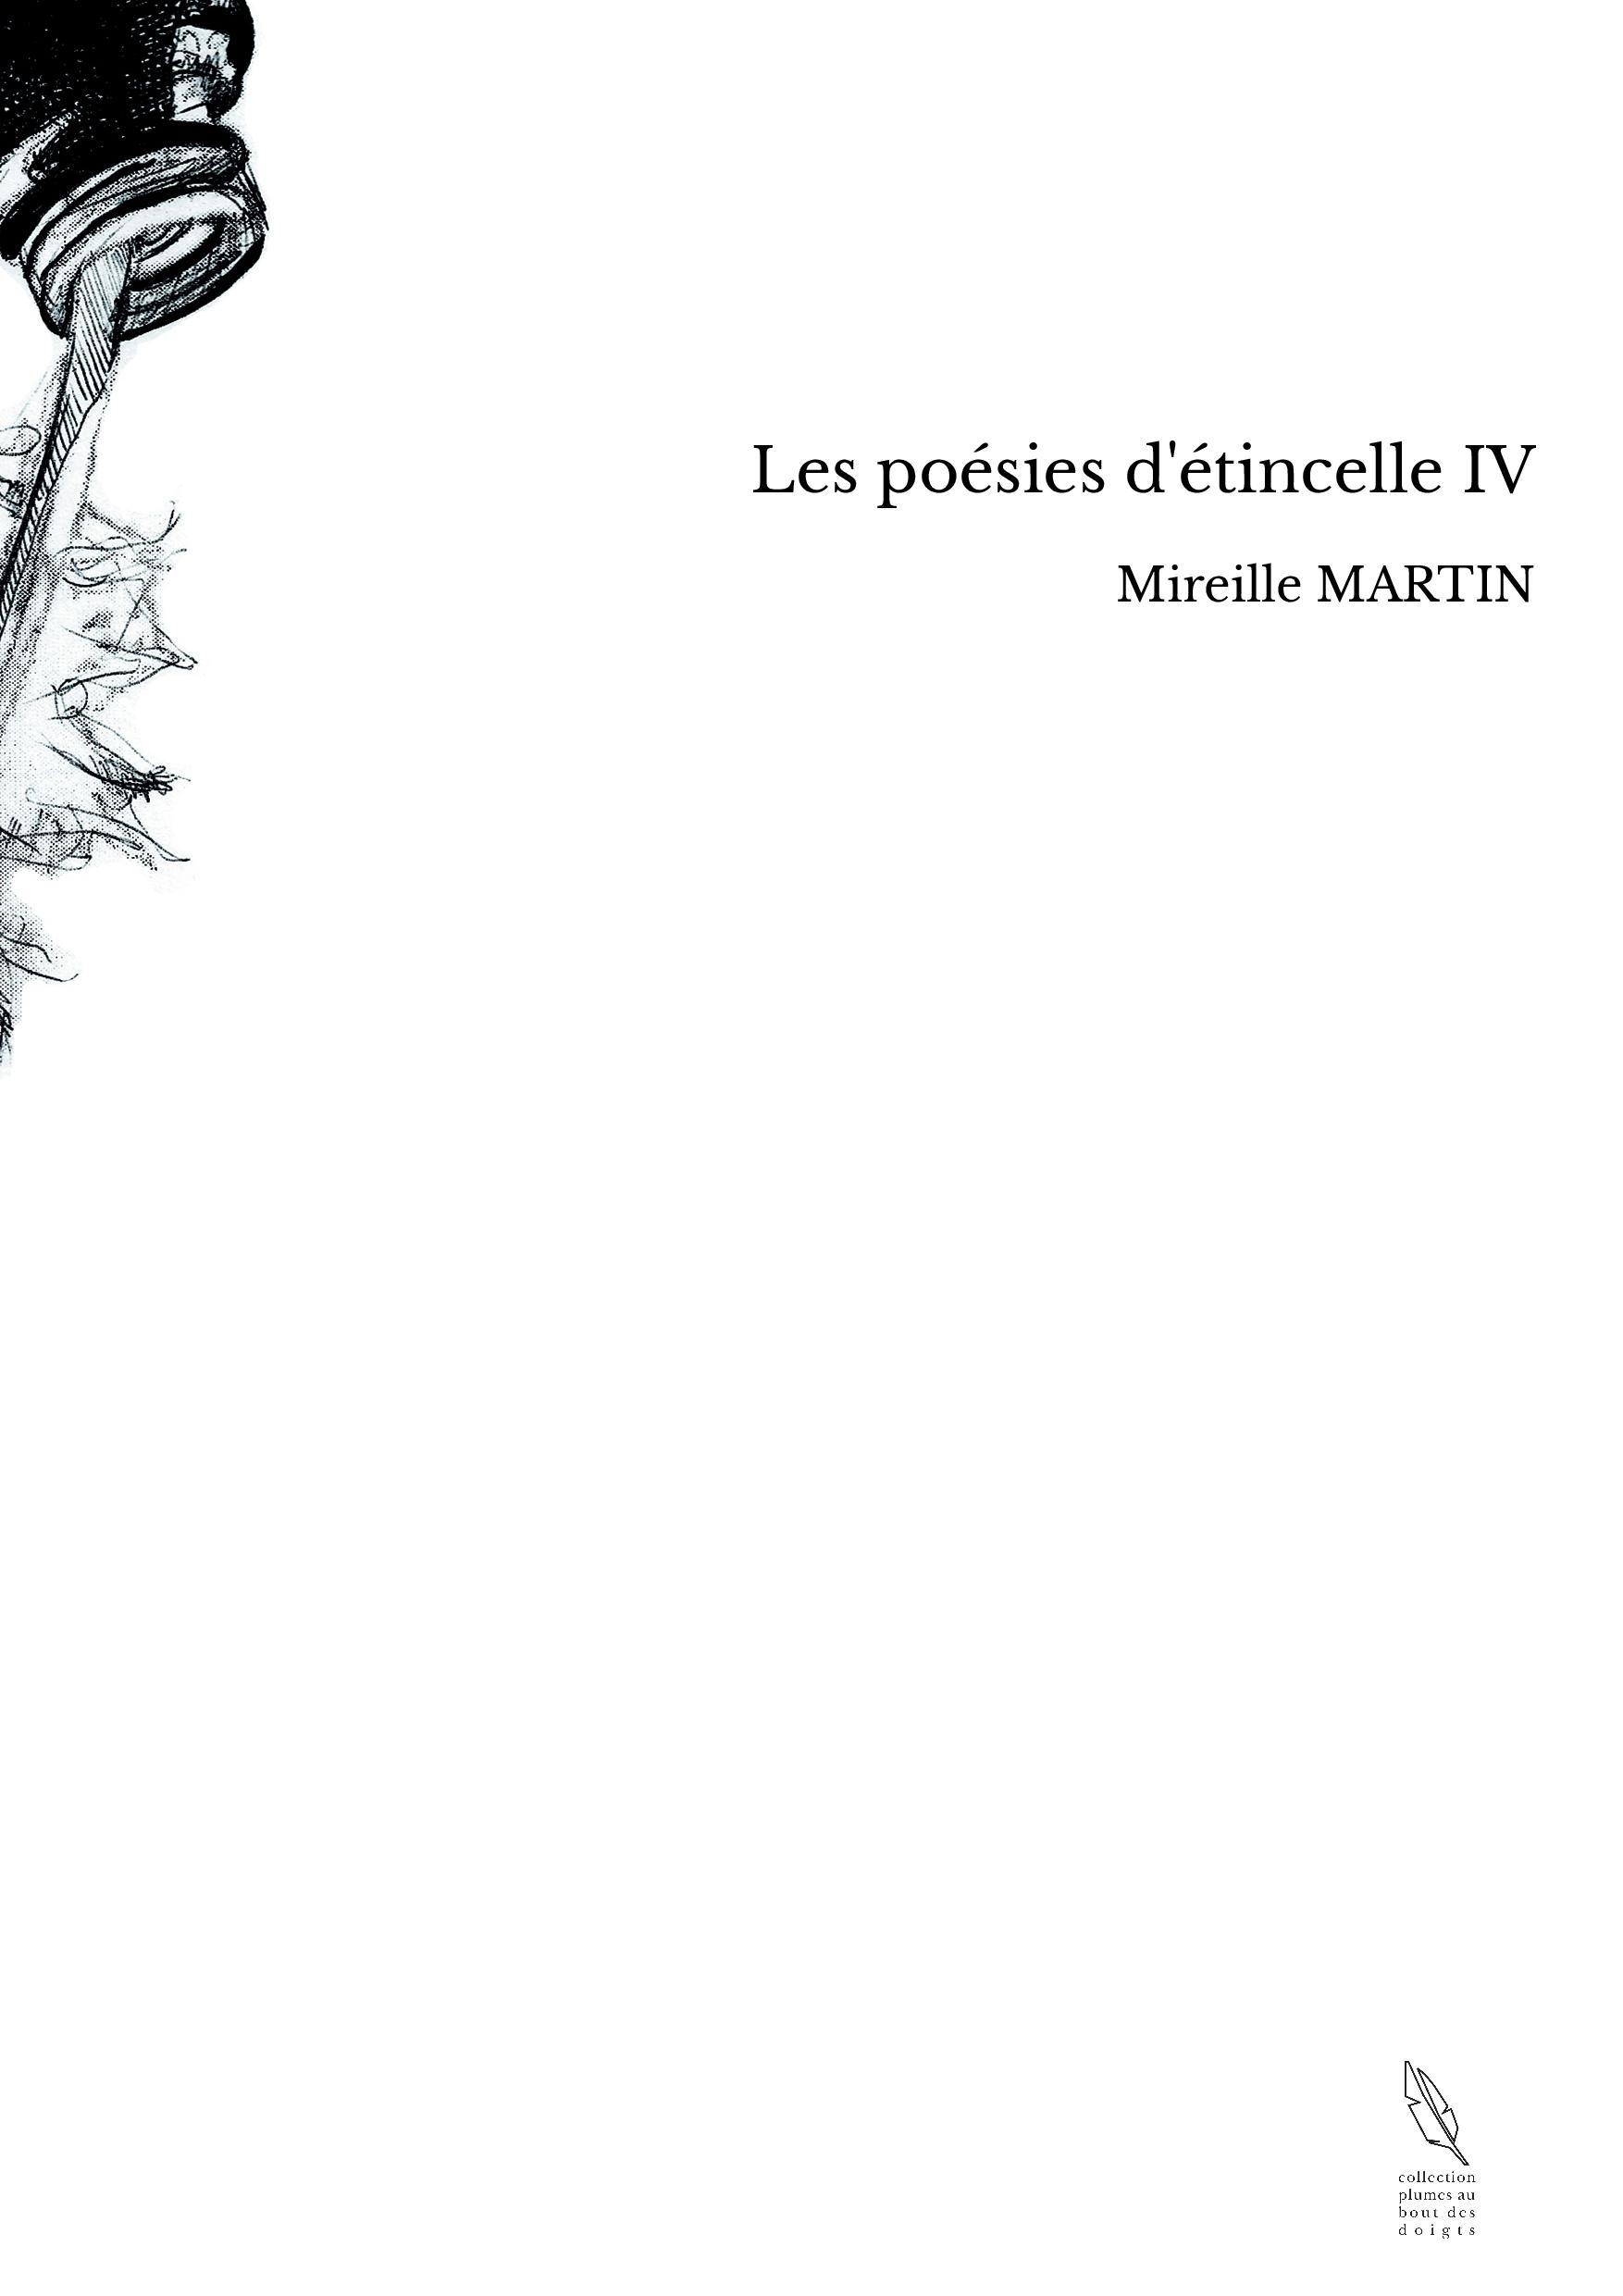 Les poésies d'étincelle IV